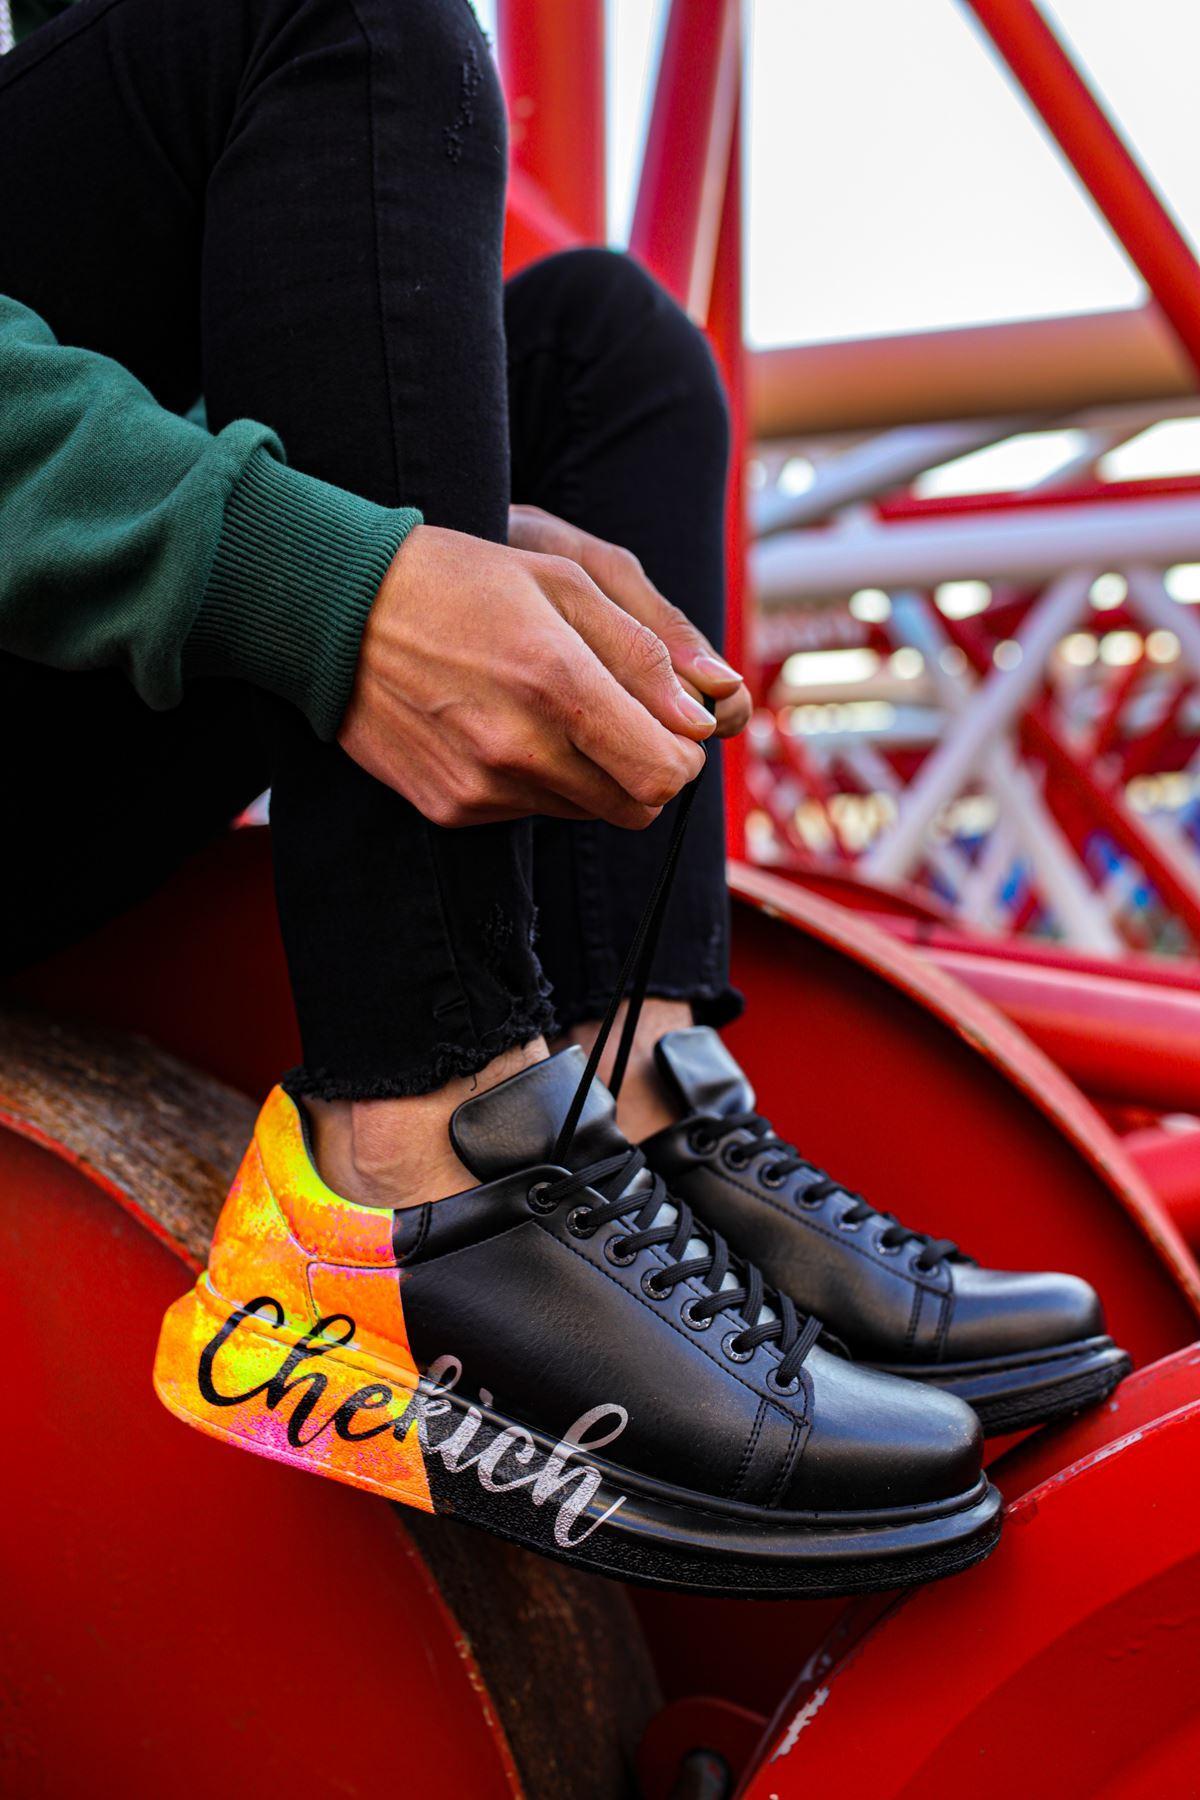 Chekich CH254 ST Erkek Ayakkabı 481 SİYAH / SARI CHEKICH